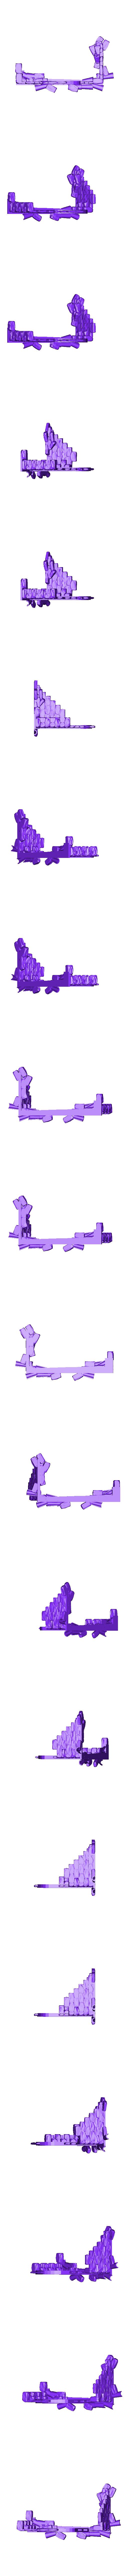 RuineBergerie4.stl Télécharger fichier STL gratuit Ruines de maison et batiments • Design imprimable en 3D, phipo333